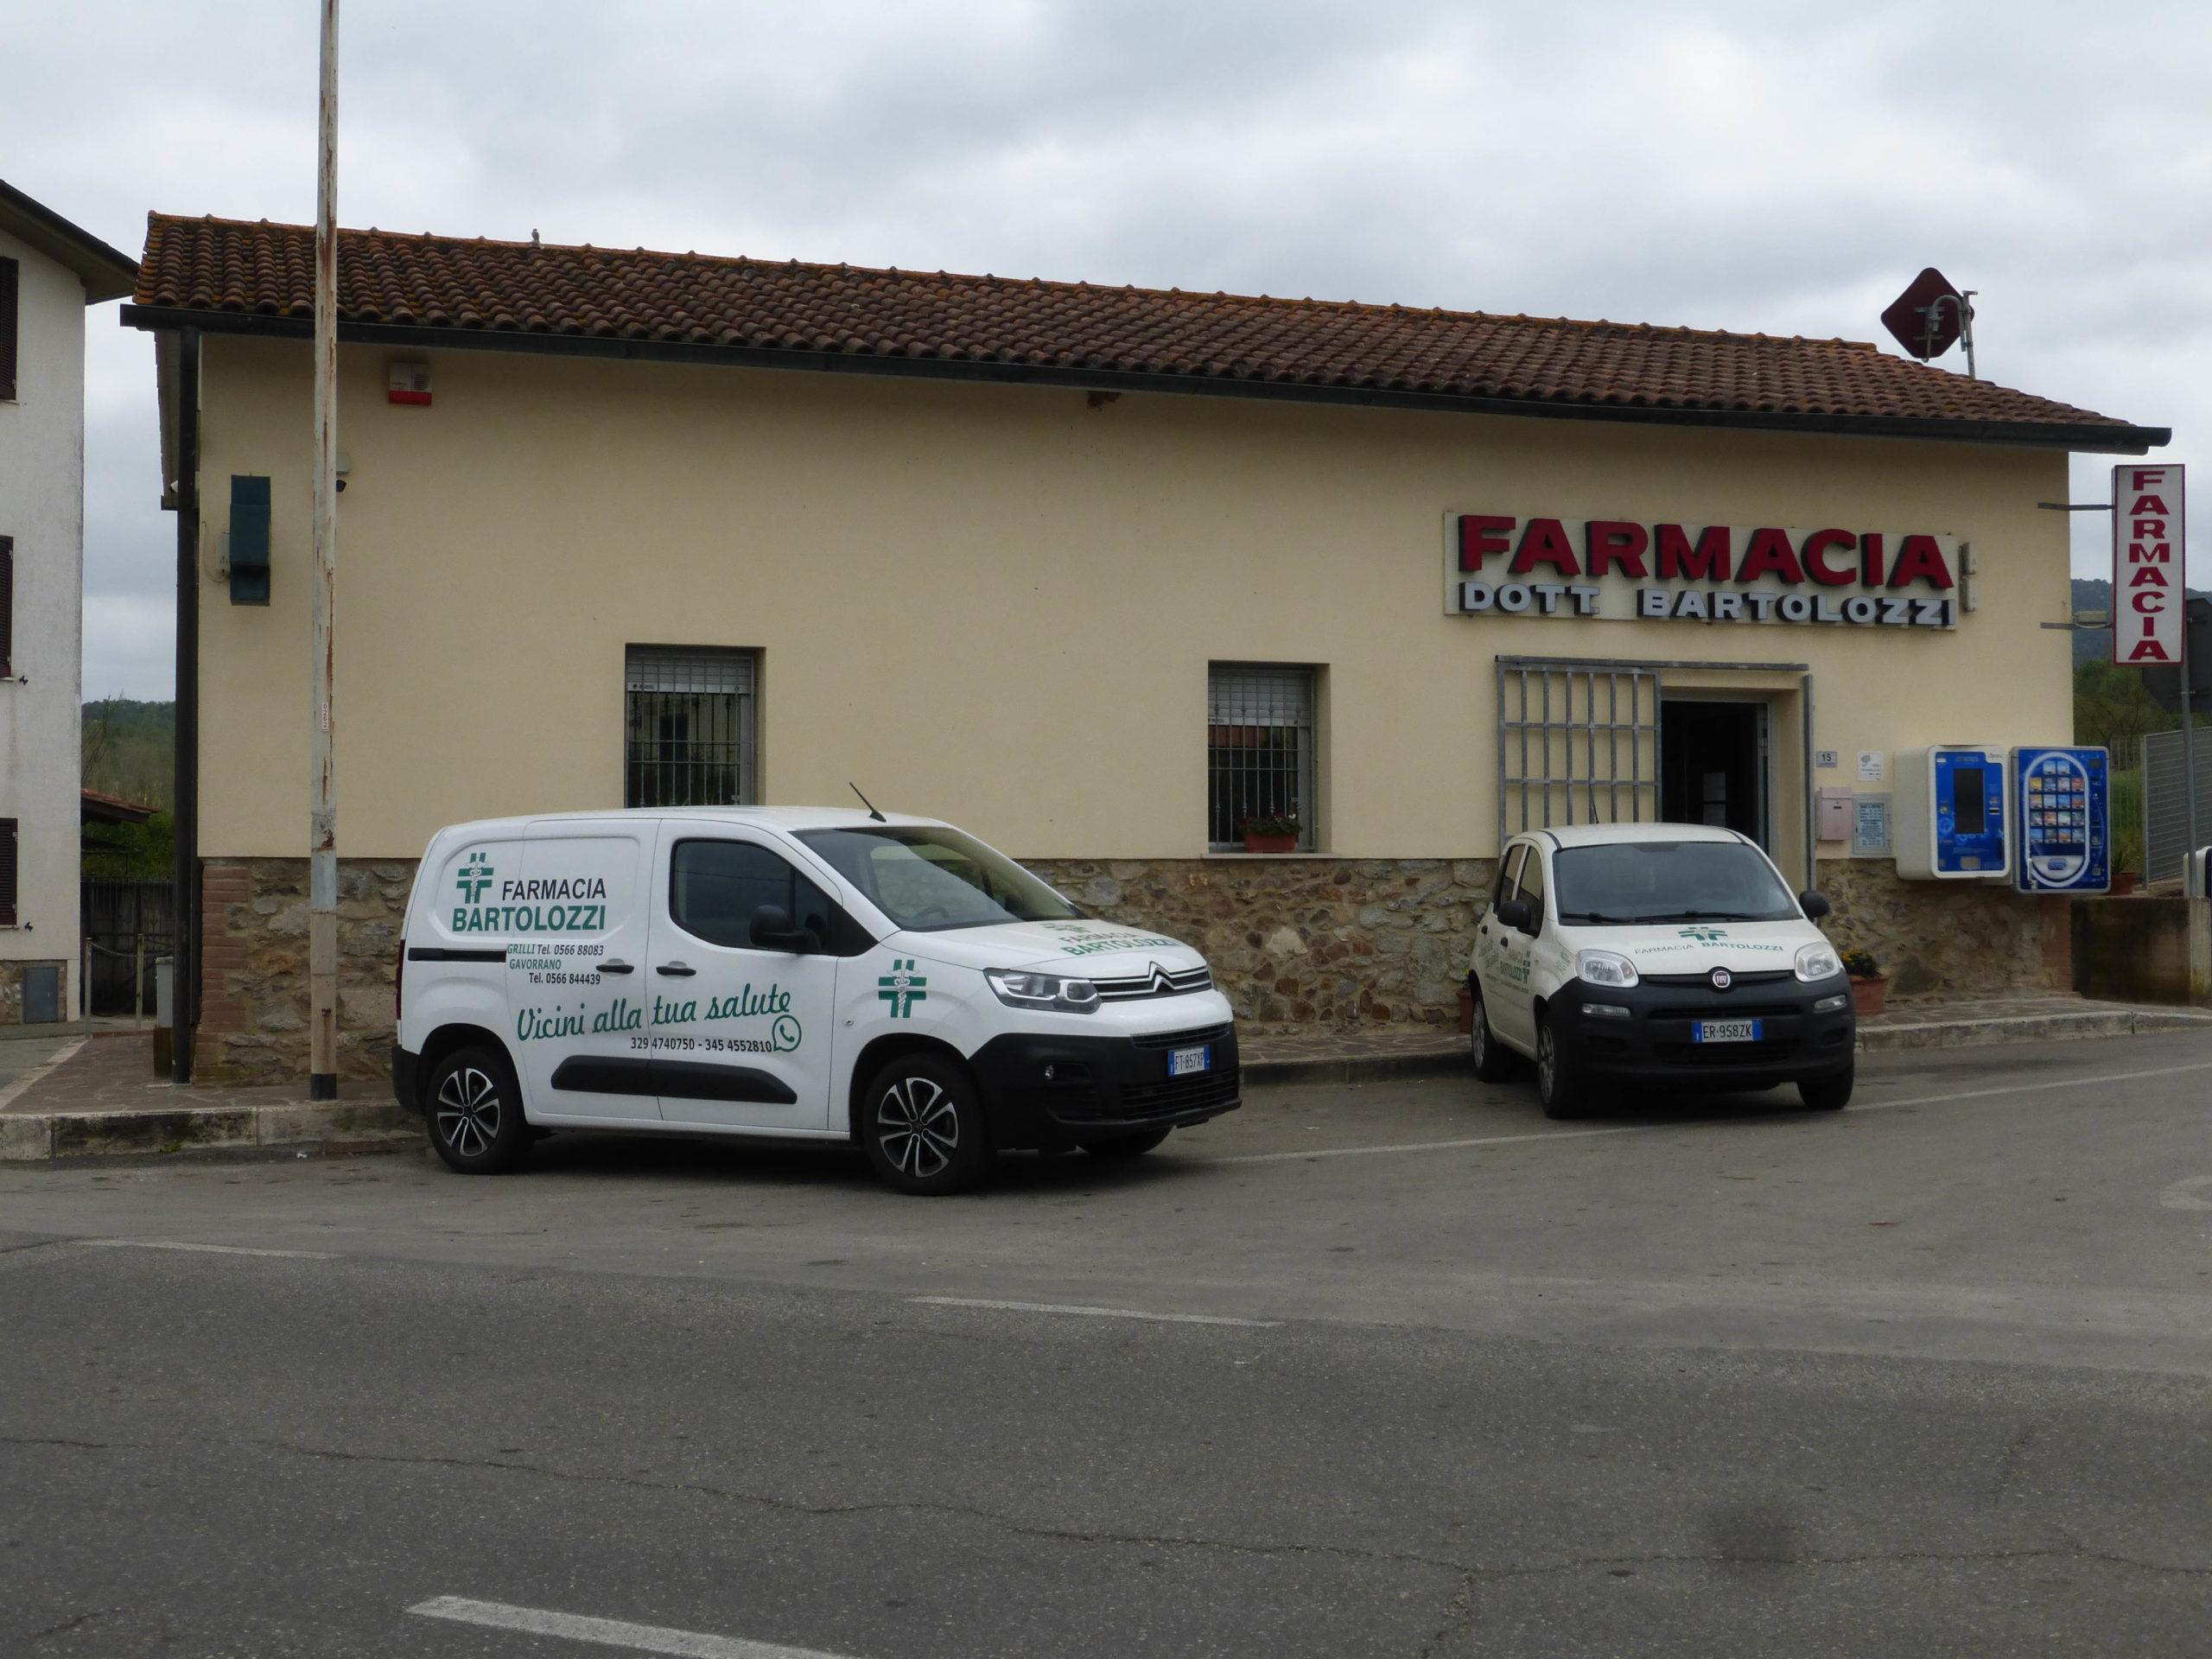 Farmacia Bartolozzi esterno di Grilli